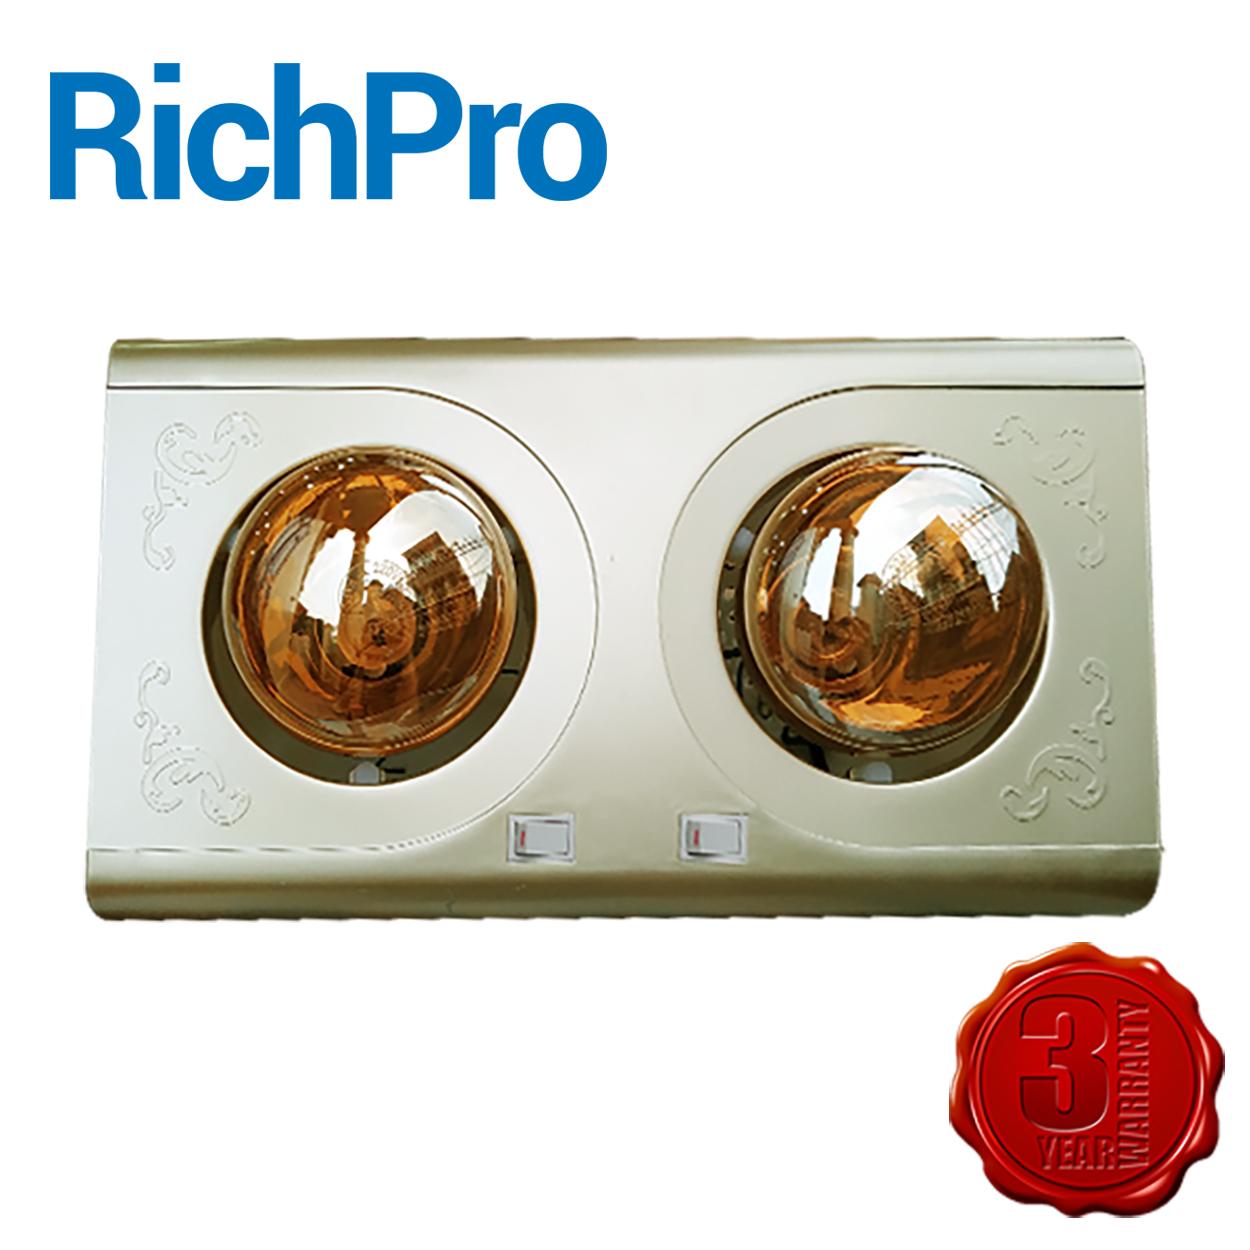 Đèn sưởi phòng tắm 2 bóng Richpro chính hãng